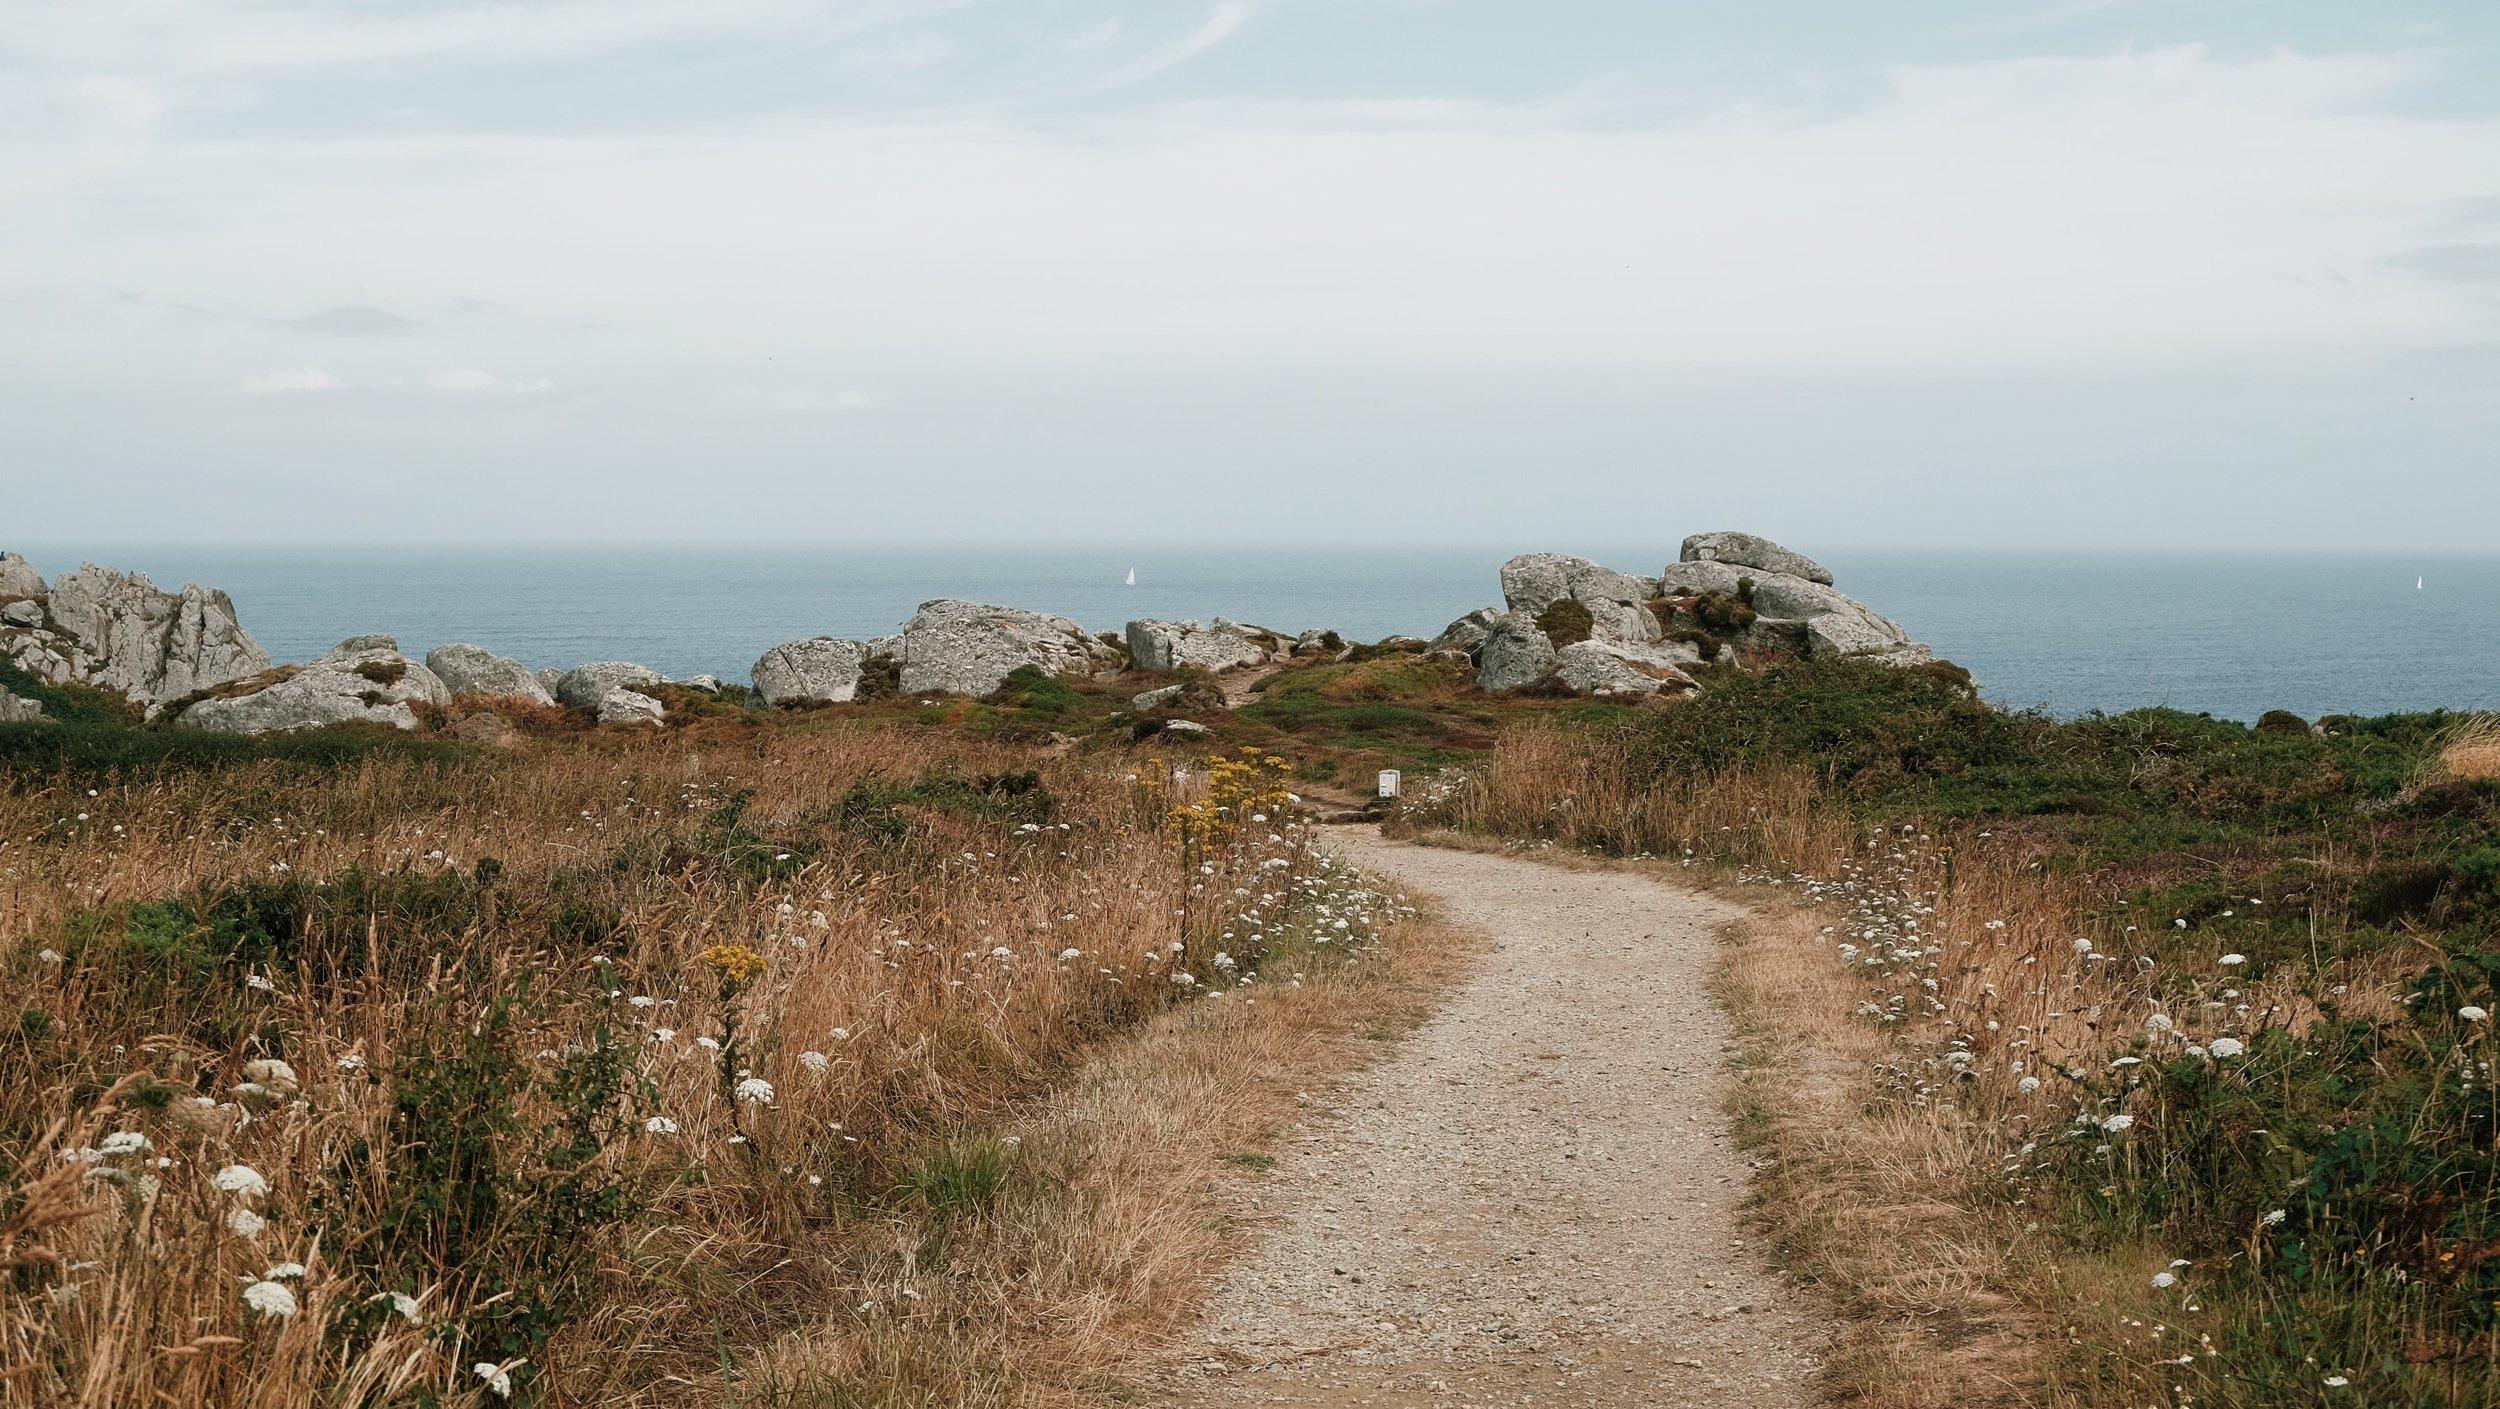 Carnet Sauvage - blog voyages lille - partir en bretagne - visite la pointe du van3.JPG